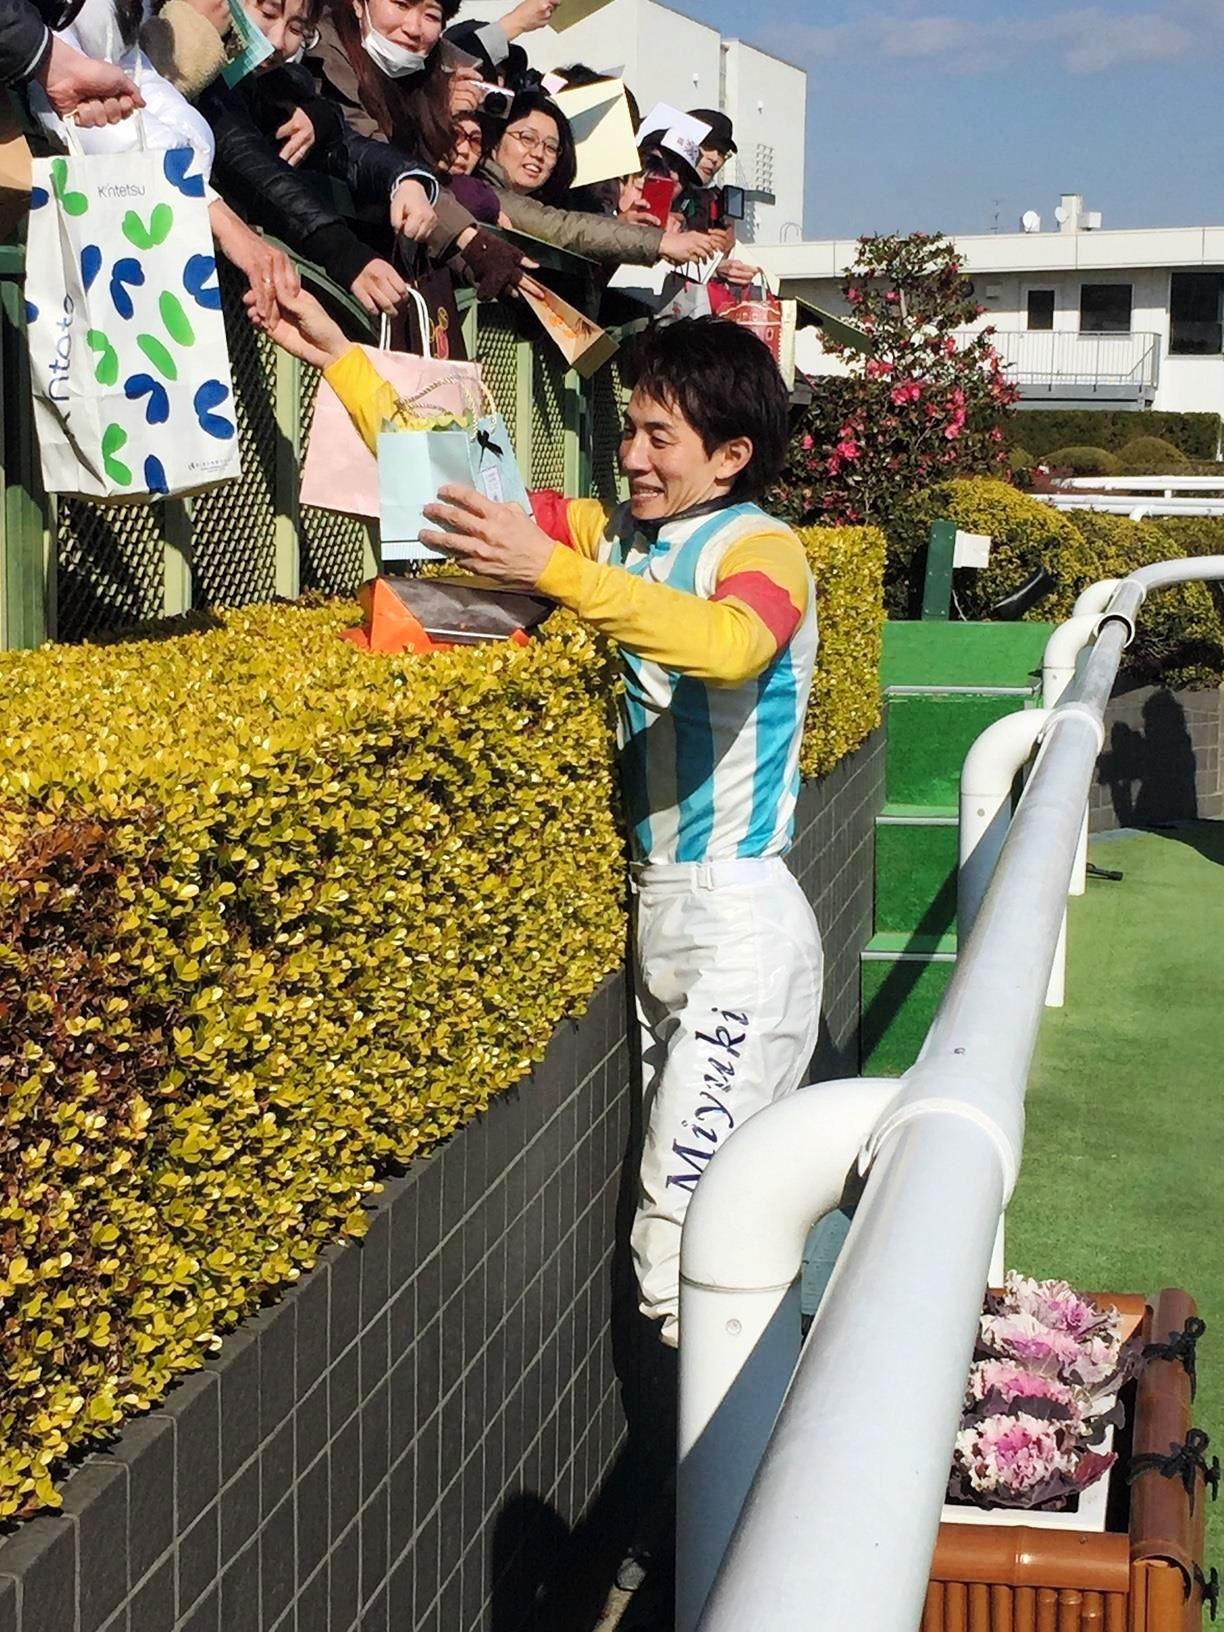 幸騎手が復帰後初勝利「ホッとしました」 | 競馬ニュース - netkeiba.com